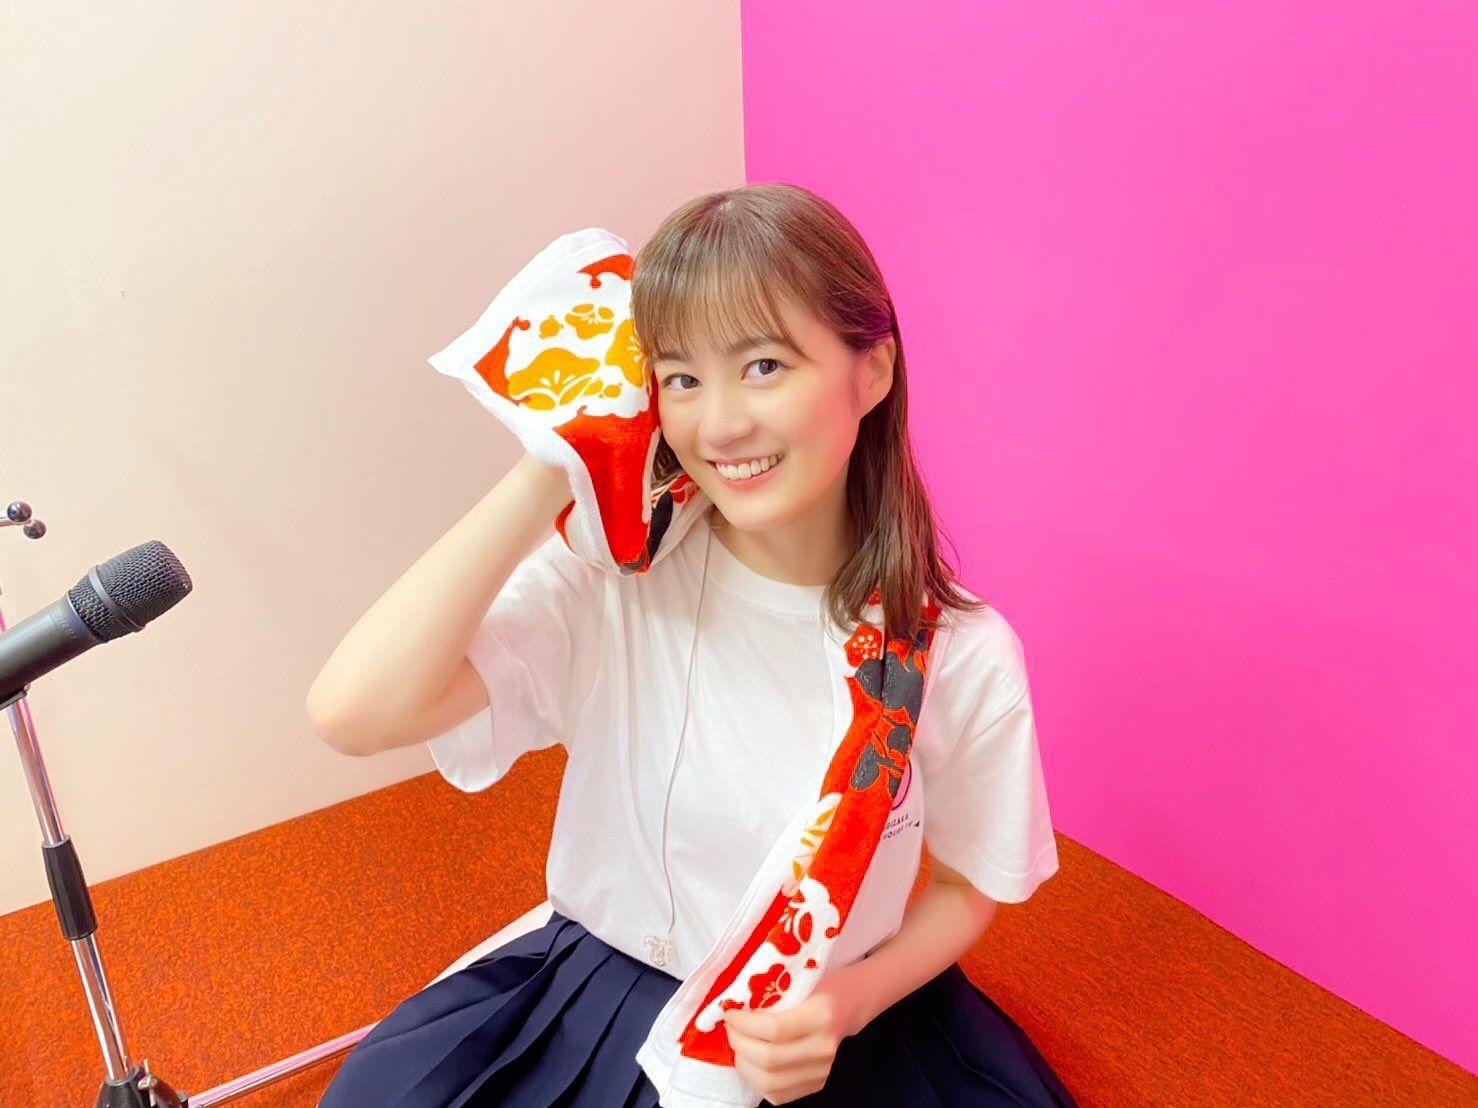 E I おしゃれまとめの人気アイデア Pinterest 2020 46時間tv 生田絵梨花 生田